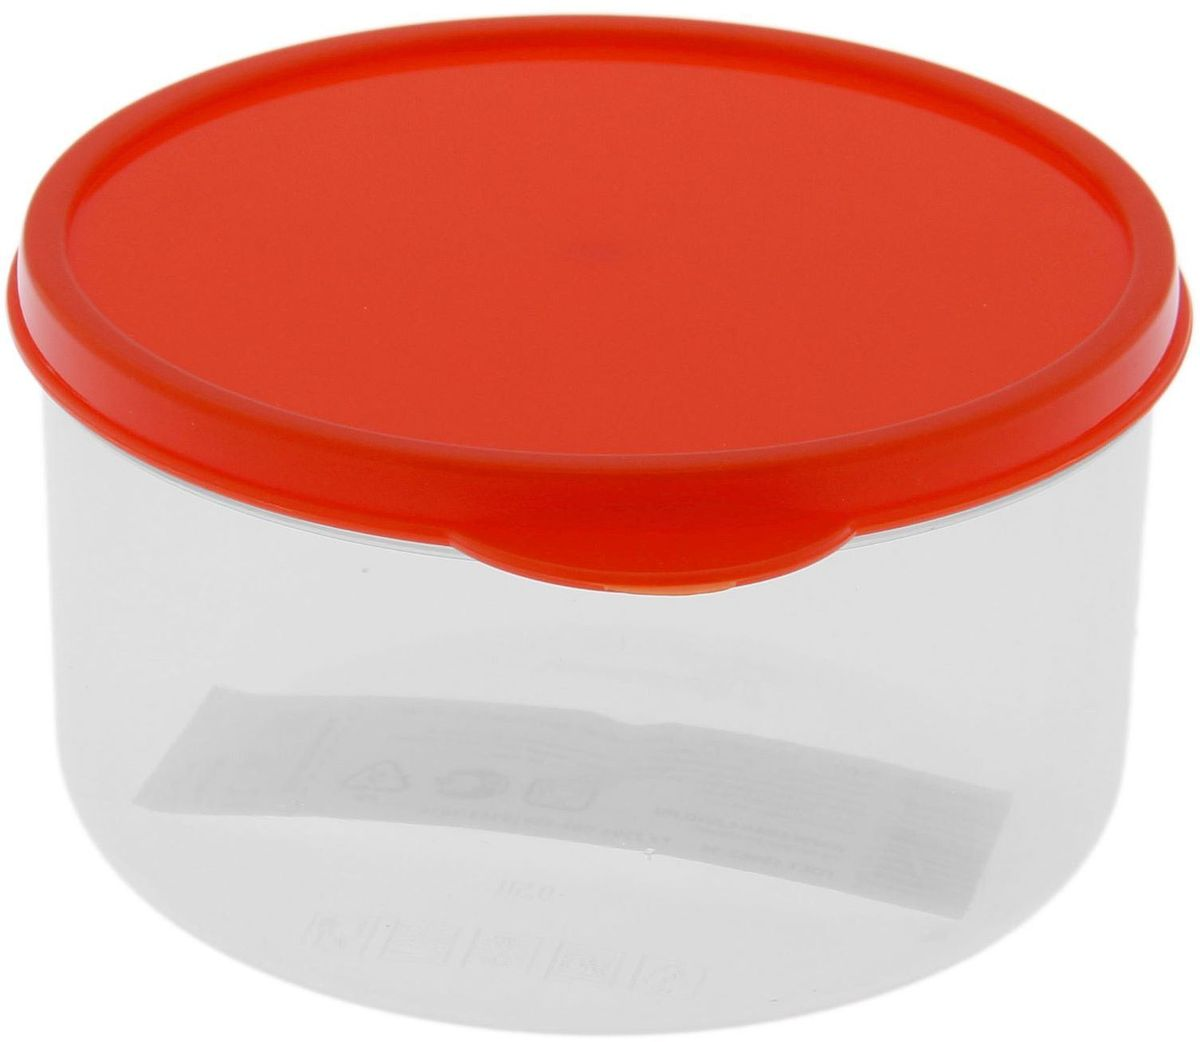 Контейнер пищевой Доляна, круглый, цвет: оранжевый, 500 мл115510Если после вкусного обеда осталась еда, а насладиться трапезой хочется и на следующий день, ланч-бокс станет отличным решением данной проблемы!Такой контейнер является незаменимым предметом кухонной утвари, ведь у него много преимуществ:Простота ухода. Ланч-бокс достаточно промыть тёплой водой с небольшим количеством чистящего средства, и он снова готов к использованию.Вместительность. Большой выбор форм и объёма поможет разместить разнообразные продукты от сахара до супов.Эргономичность. Ланч-боксы очень легко хранить даже в самой маленькой кухне, так как их можно поставить один в другой по принципу матрёшки.Многофункциональность. Разнообразие цветов и форм делает возможным использование контейнеров не только на кухне, но и в других областях домашнего быта.Любители приготовления обеда на всю семью в большинстве случаев приобретают ланч-боксы наборами, так как это позволяет рассортировать продукты по всевозможным признакам. К тому же контейнеры среднего размера станут незаменимыми помощниками на работе: ведь что может быть приятнее, чем порадовать себя во время обеда прекрасной едой, заботливо сохранённой в контейнере?В качестве материала для изготовления используется пластик, что делает процесс ухода за контейнером ещё более эффективным. К каждому ланч-боксу в комплекте также прилагается крышка подходящего размера, это позволяет плотно и надёжно удерживать запах еды и упрощает процесс транспортировки.Однако рекомендуется соблюдать и меры предосторожности: не использовать пластиковые контейнеры в духовых шкафах и на открытом огне, а также не разогревать в микроволновых печах при закрытой крышке ланч-бокса. Соблюдение мер безопасности позволит продлить срок эксплуатации и сохранить отличный внешний вид изделия.Эргономичный дизайн и многофункциональность таких контейнеров — вот, что является причиной большой популярности данного предмета у каждой хозяйки. А в преддверии лета и дачного сезона такое приобре